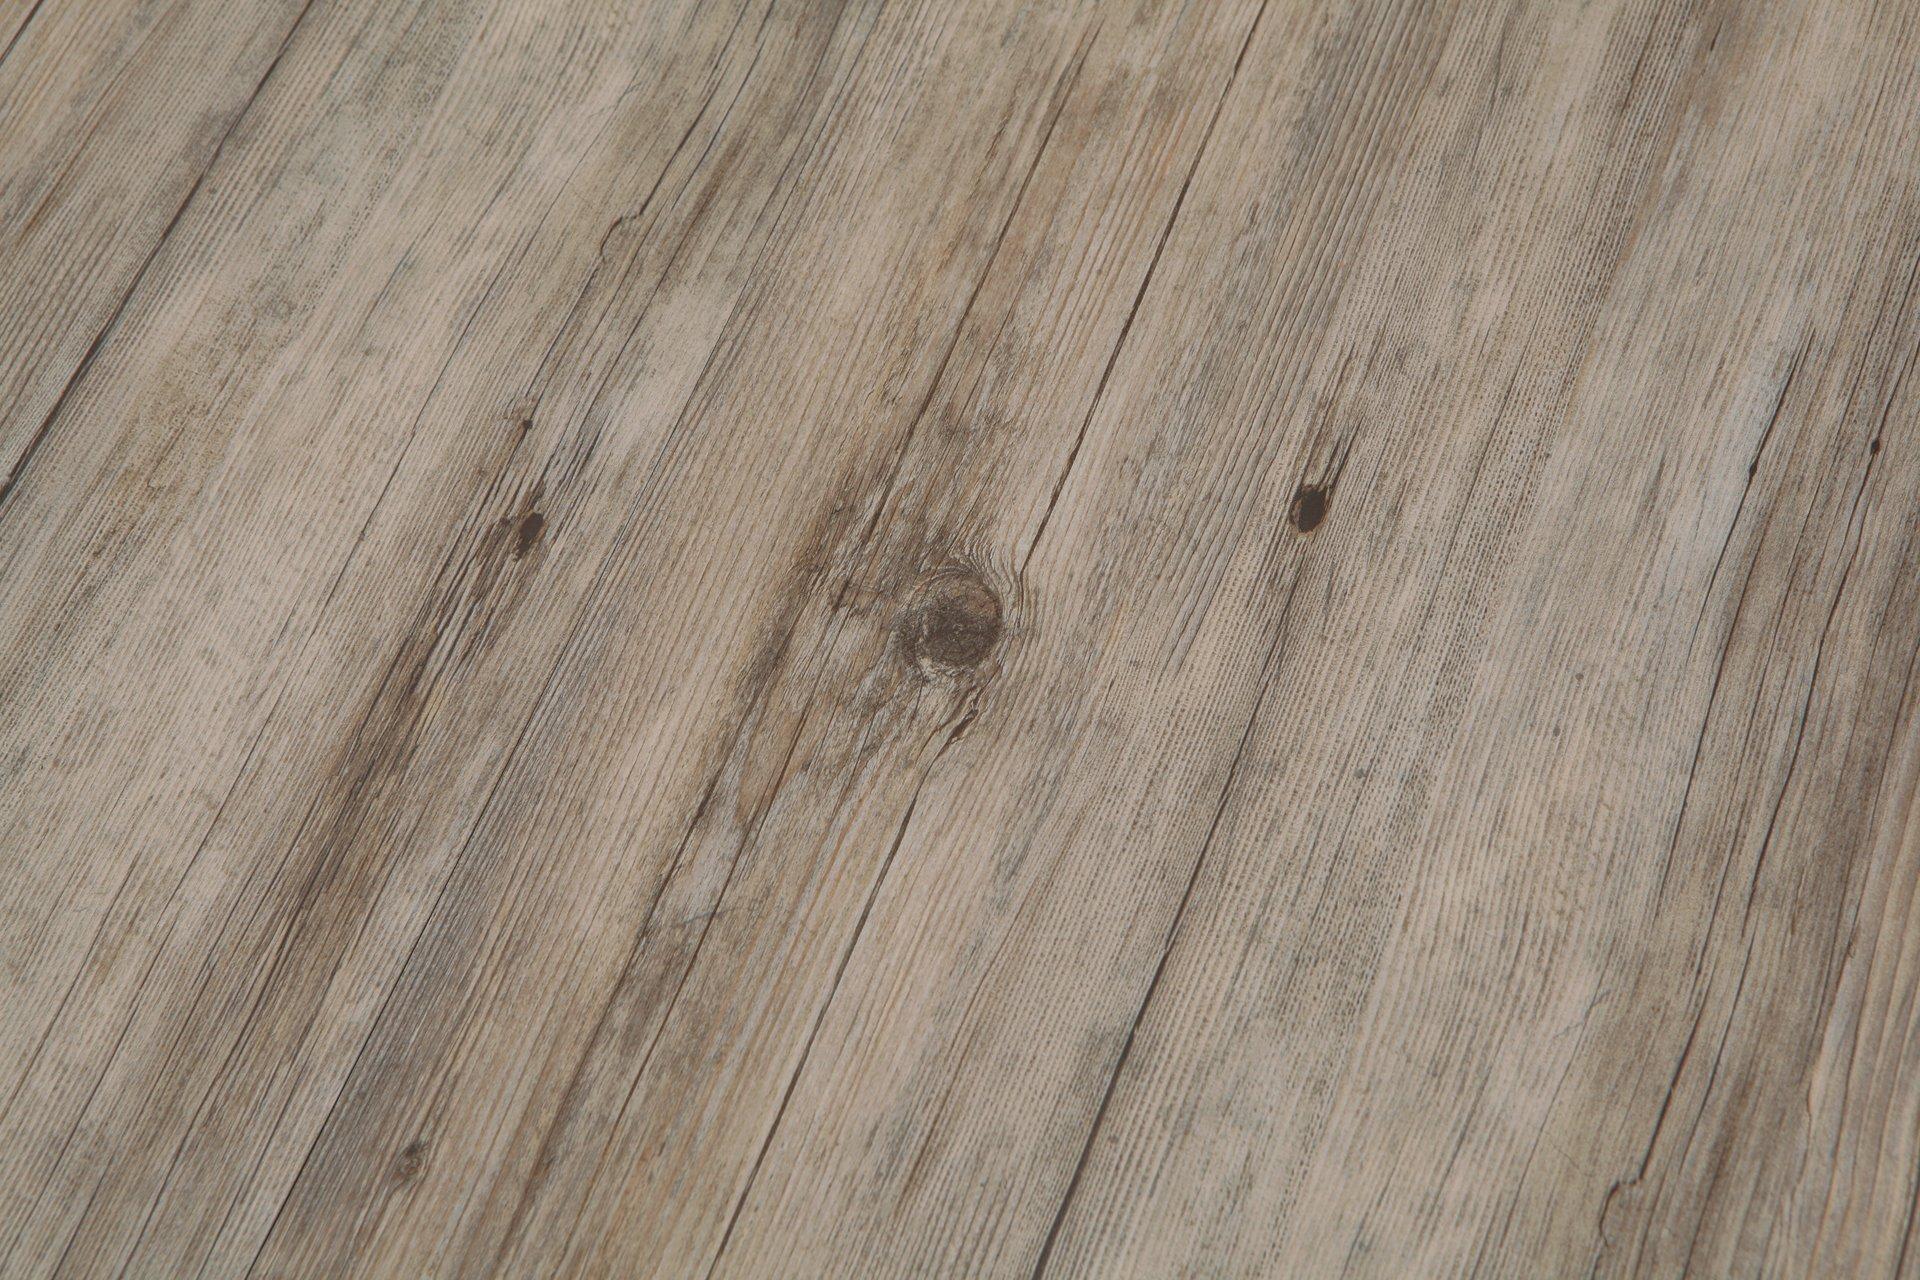 Fußboden Vinyl Preis ~ Adramaq vinyl designplanken cornwall silbereiche